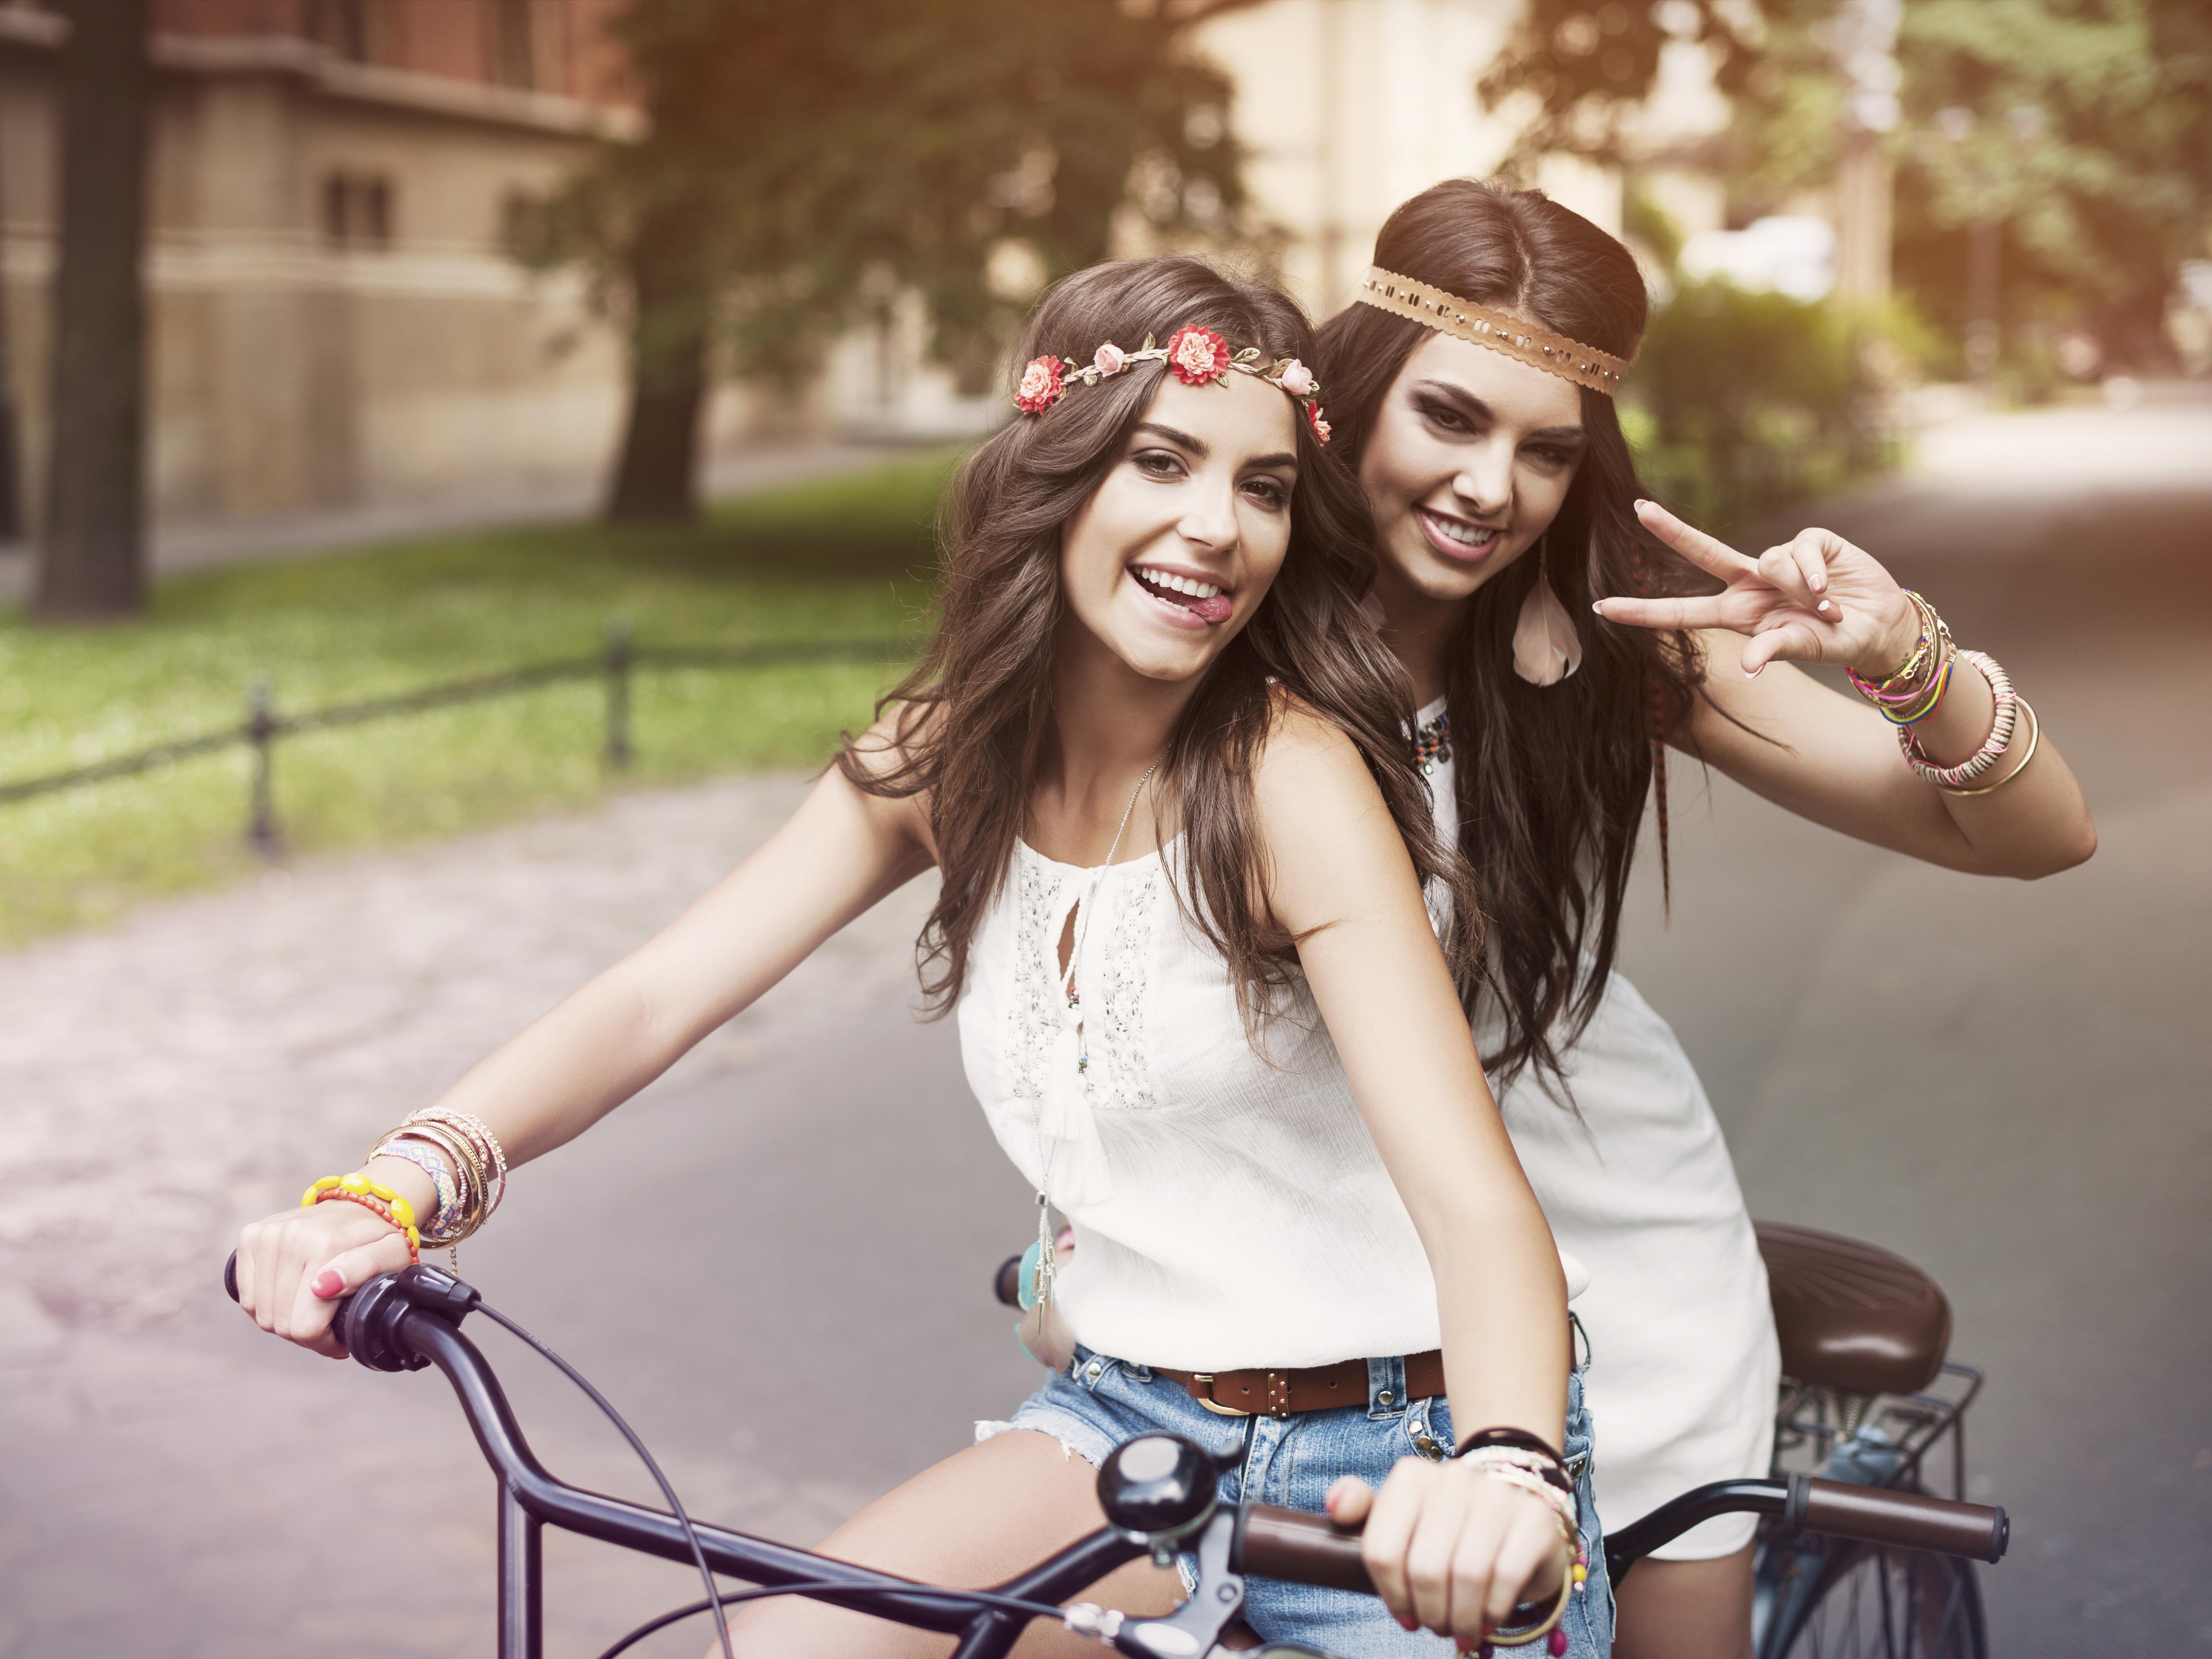 Братья и сестры - лучшие друзья с рождения. Фото с сайта 1zoom.ru